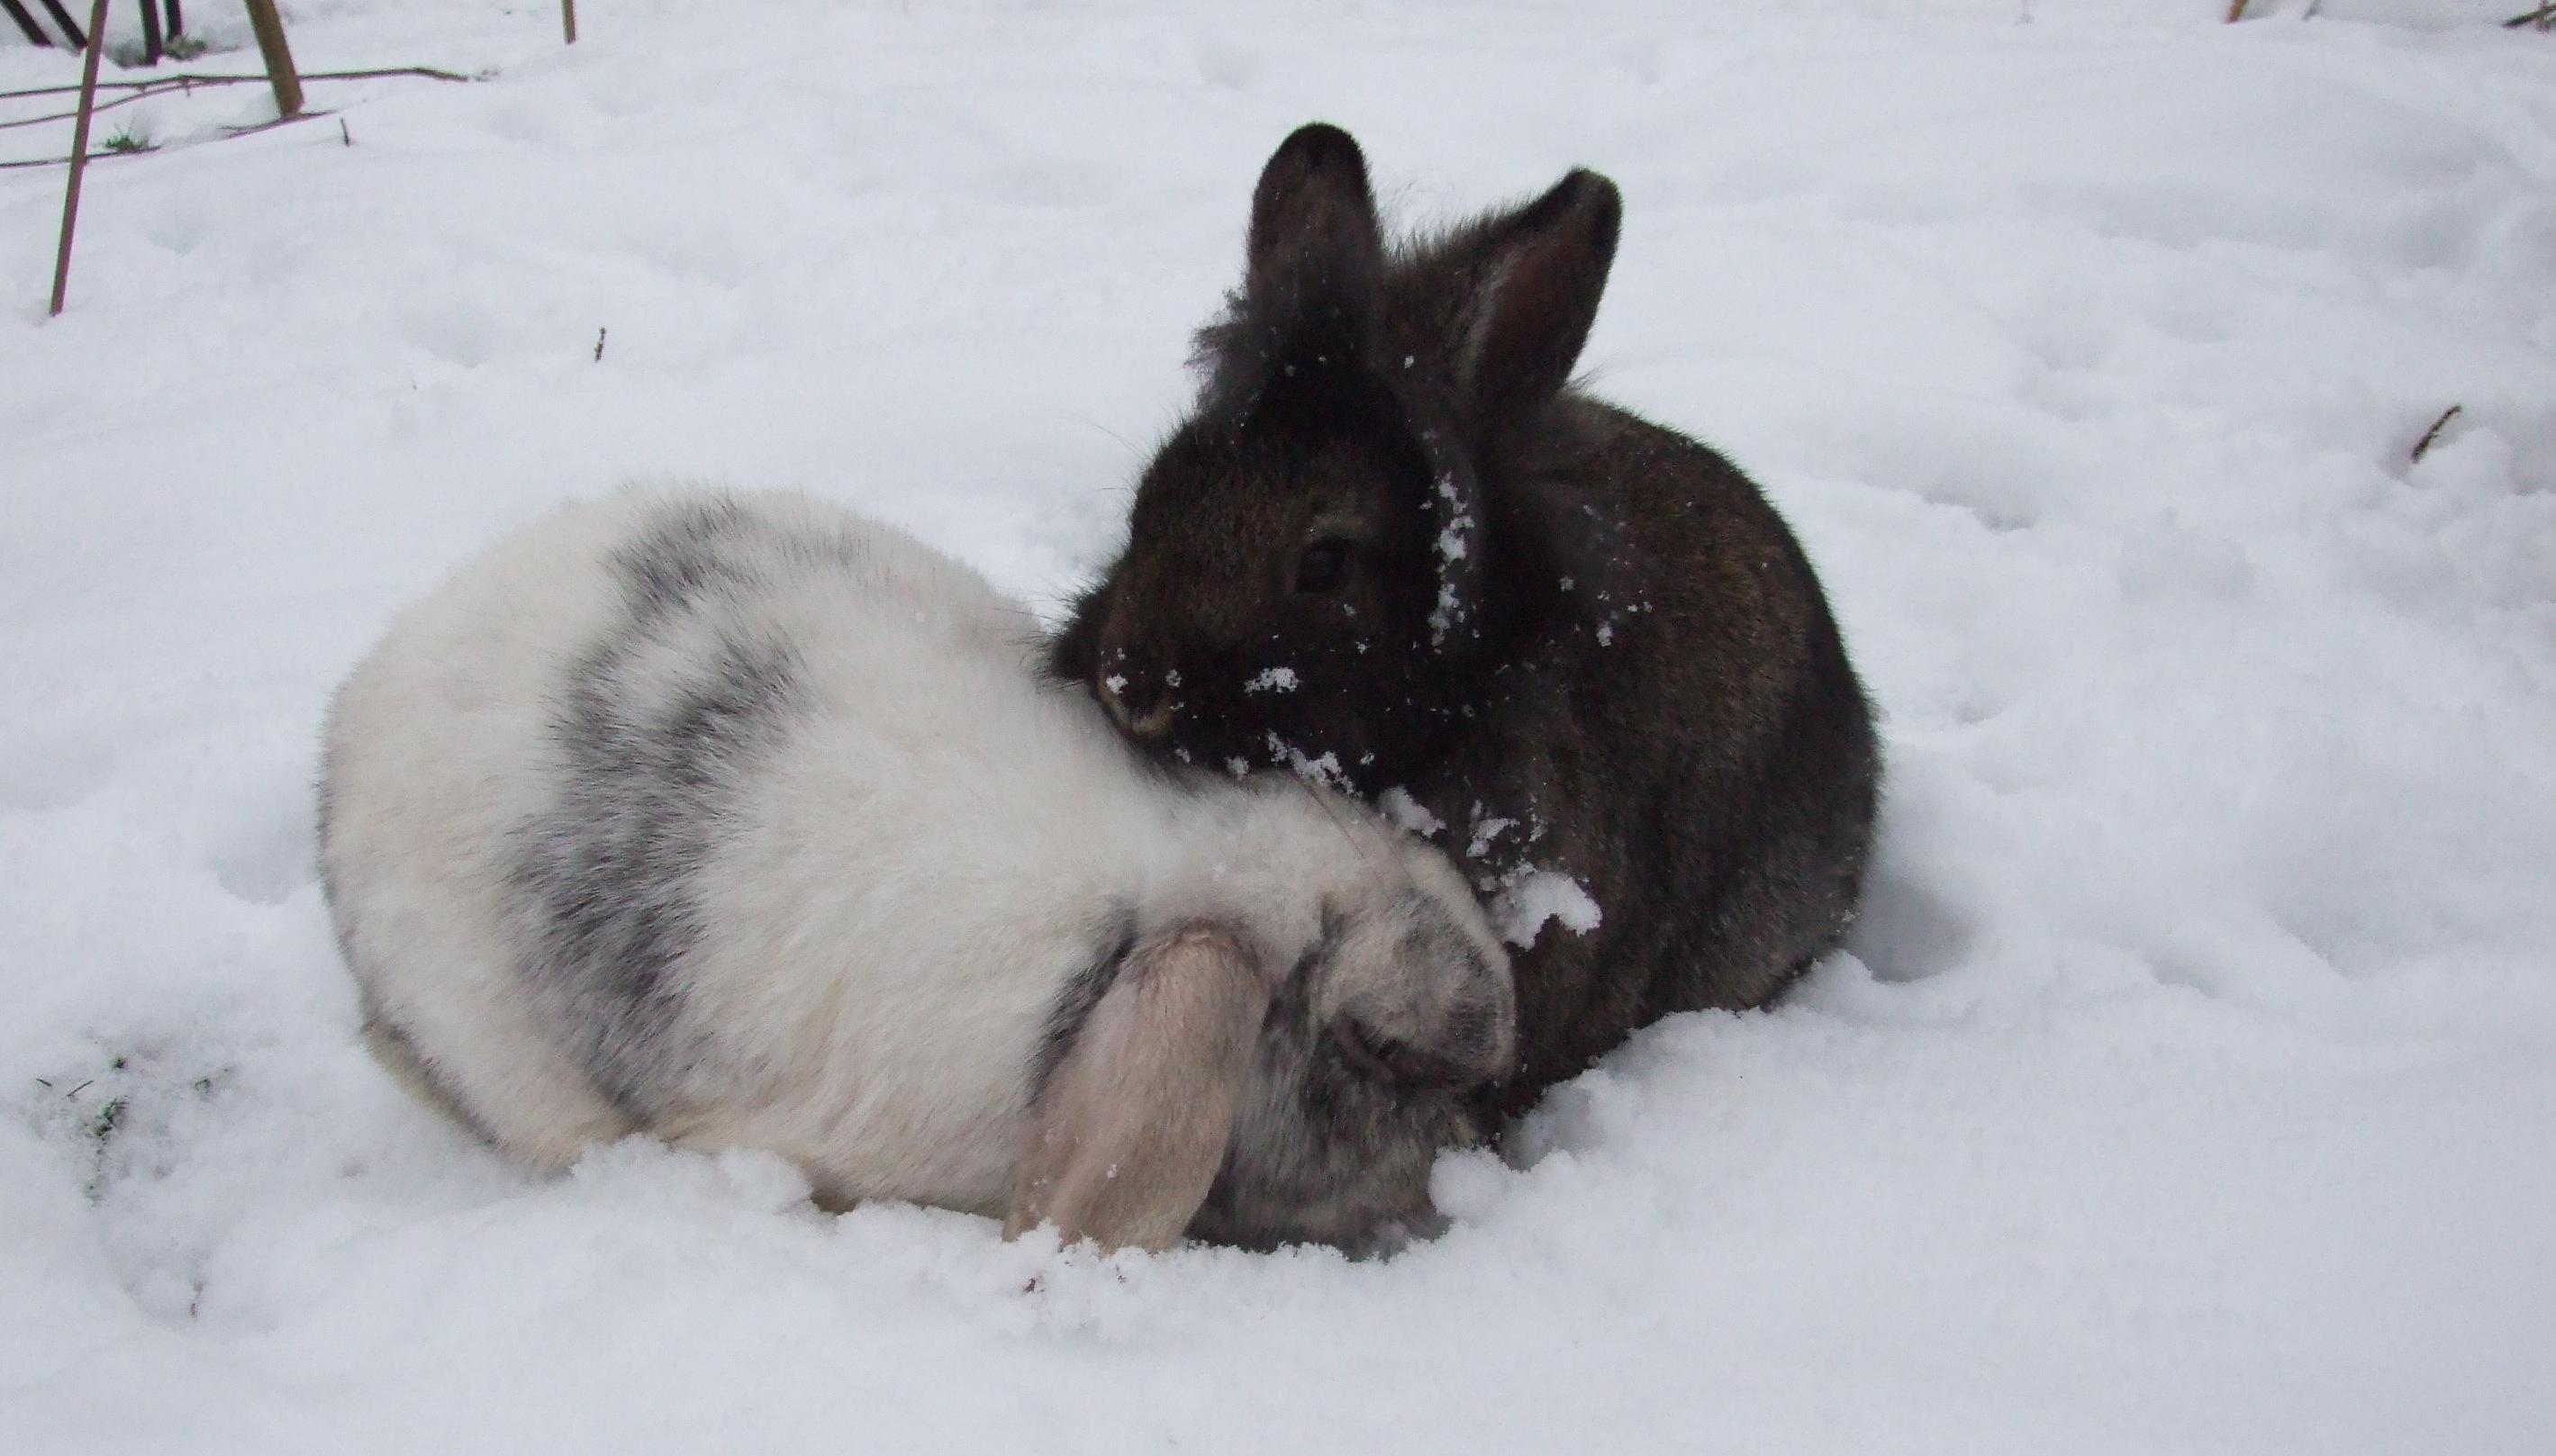 football rabbits, cold war rabbits, pets rabbits, six rabbits, green rabbits, racing rabbits, black rabbits, babies rabbits, on rabbit house design cold weather